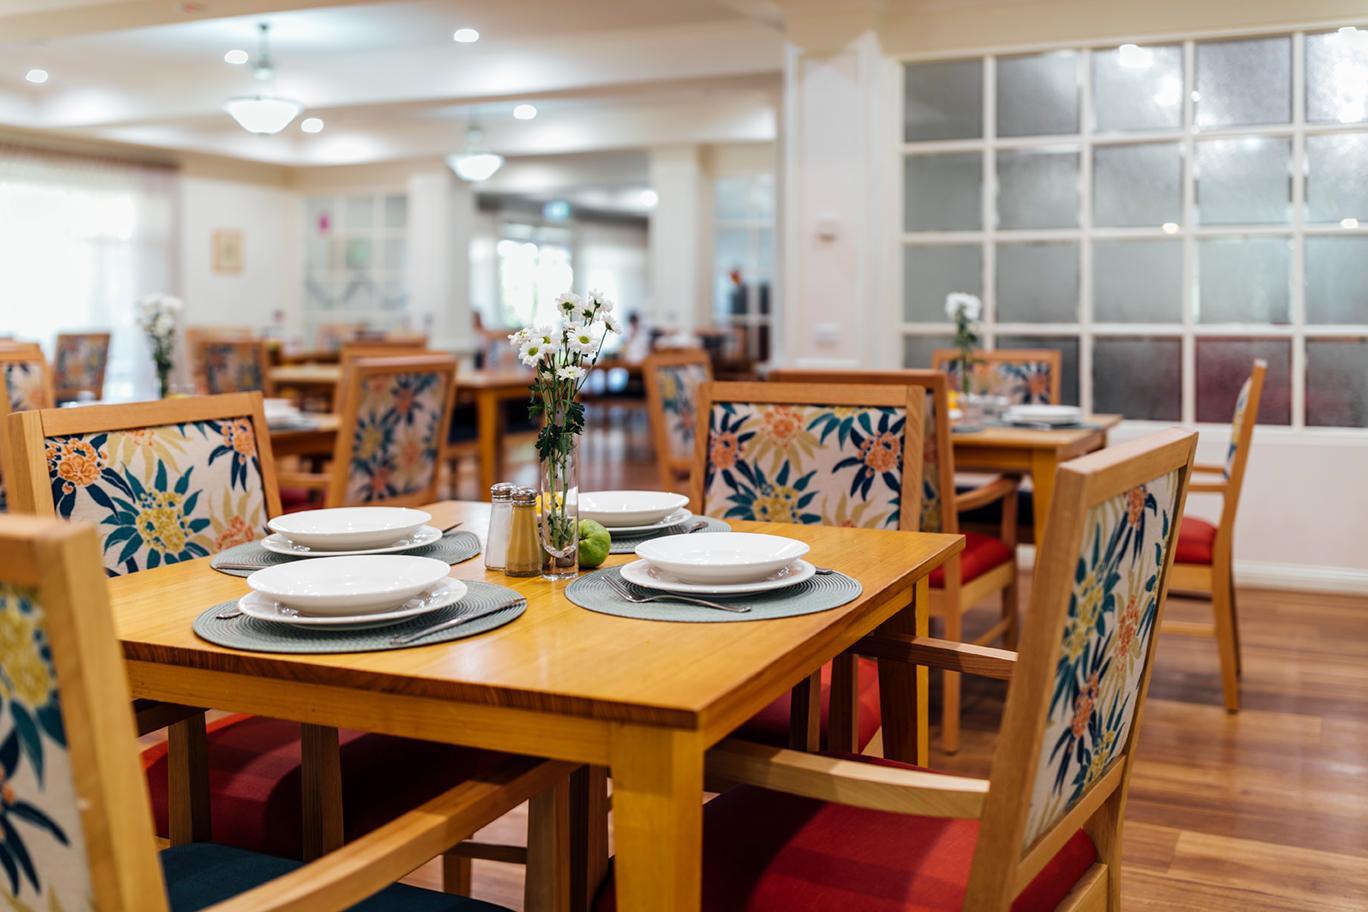 Baptcare Amberlea Community, Drouin VIC 3818 - Baptcare Amberlea Community DINING